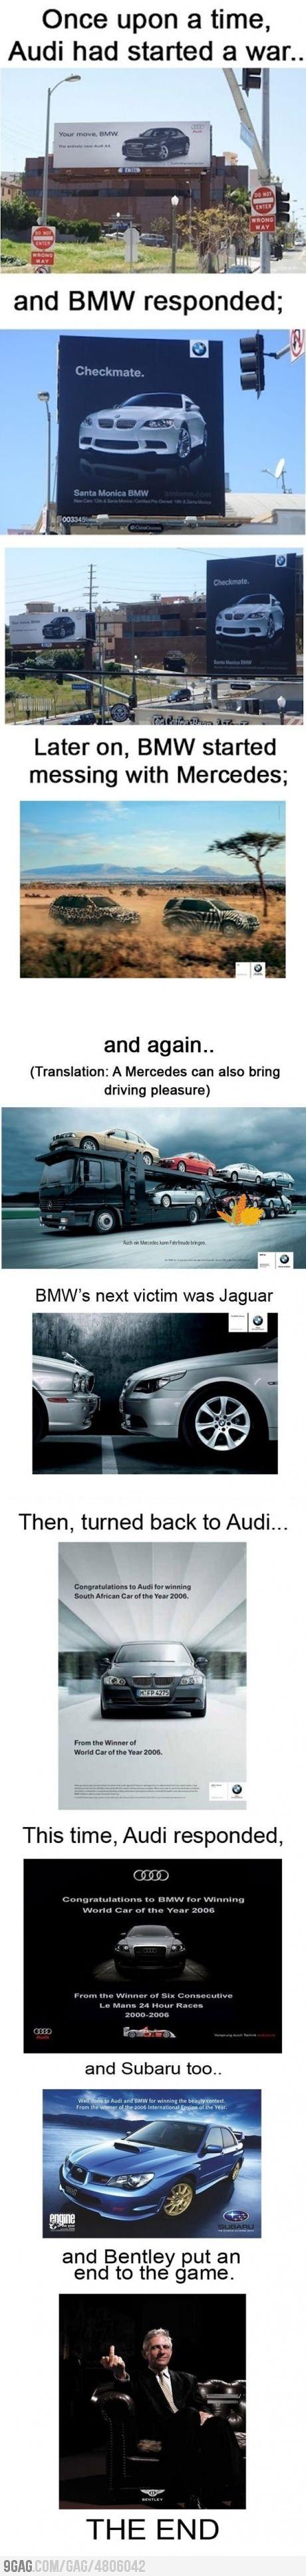 Audi vs BMW vs Mercedes vs Jaguar - Bentley